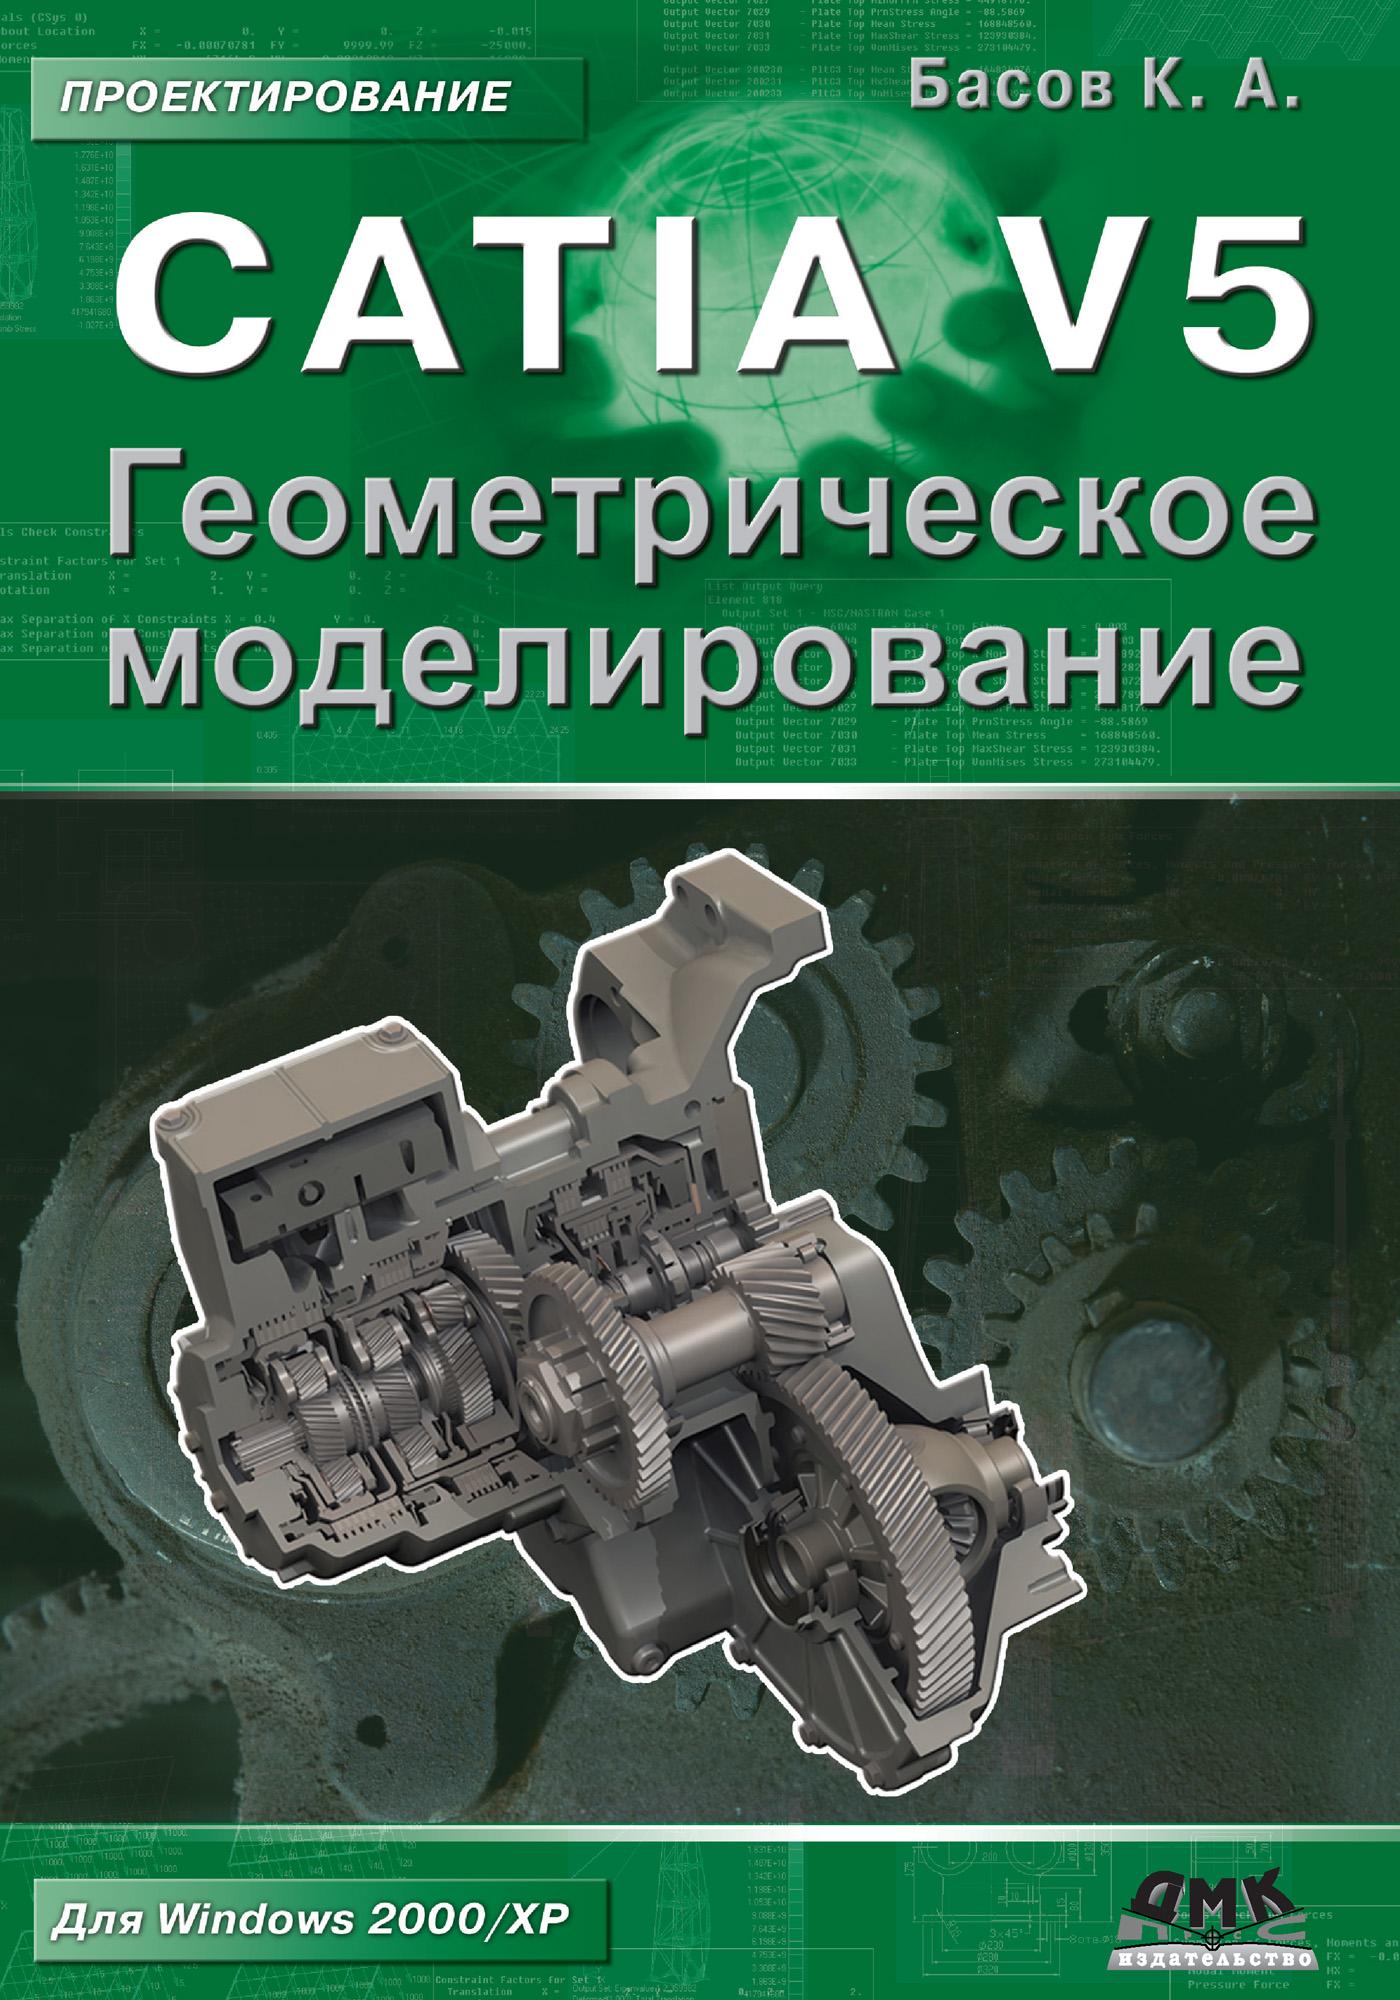 К. А. Басов CATIA V5. Геометрическое моделирование а а уткин геометрическое моделирование окружающего мира